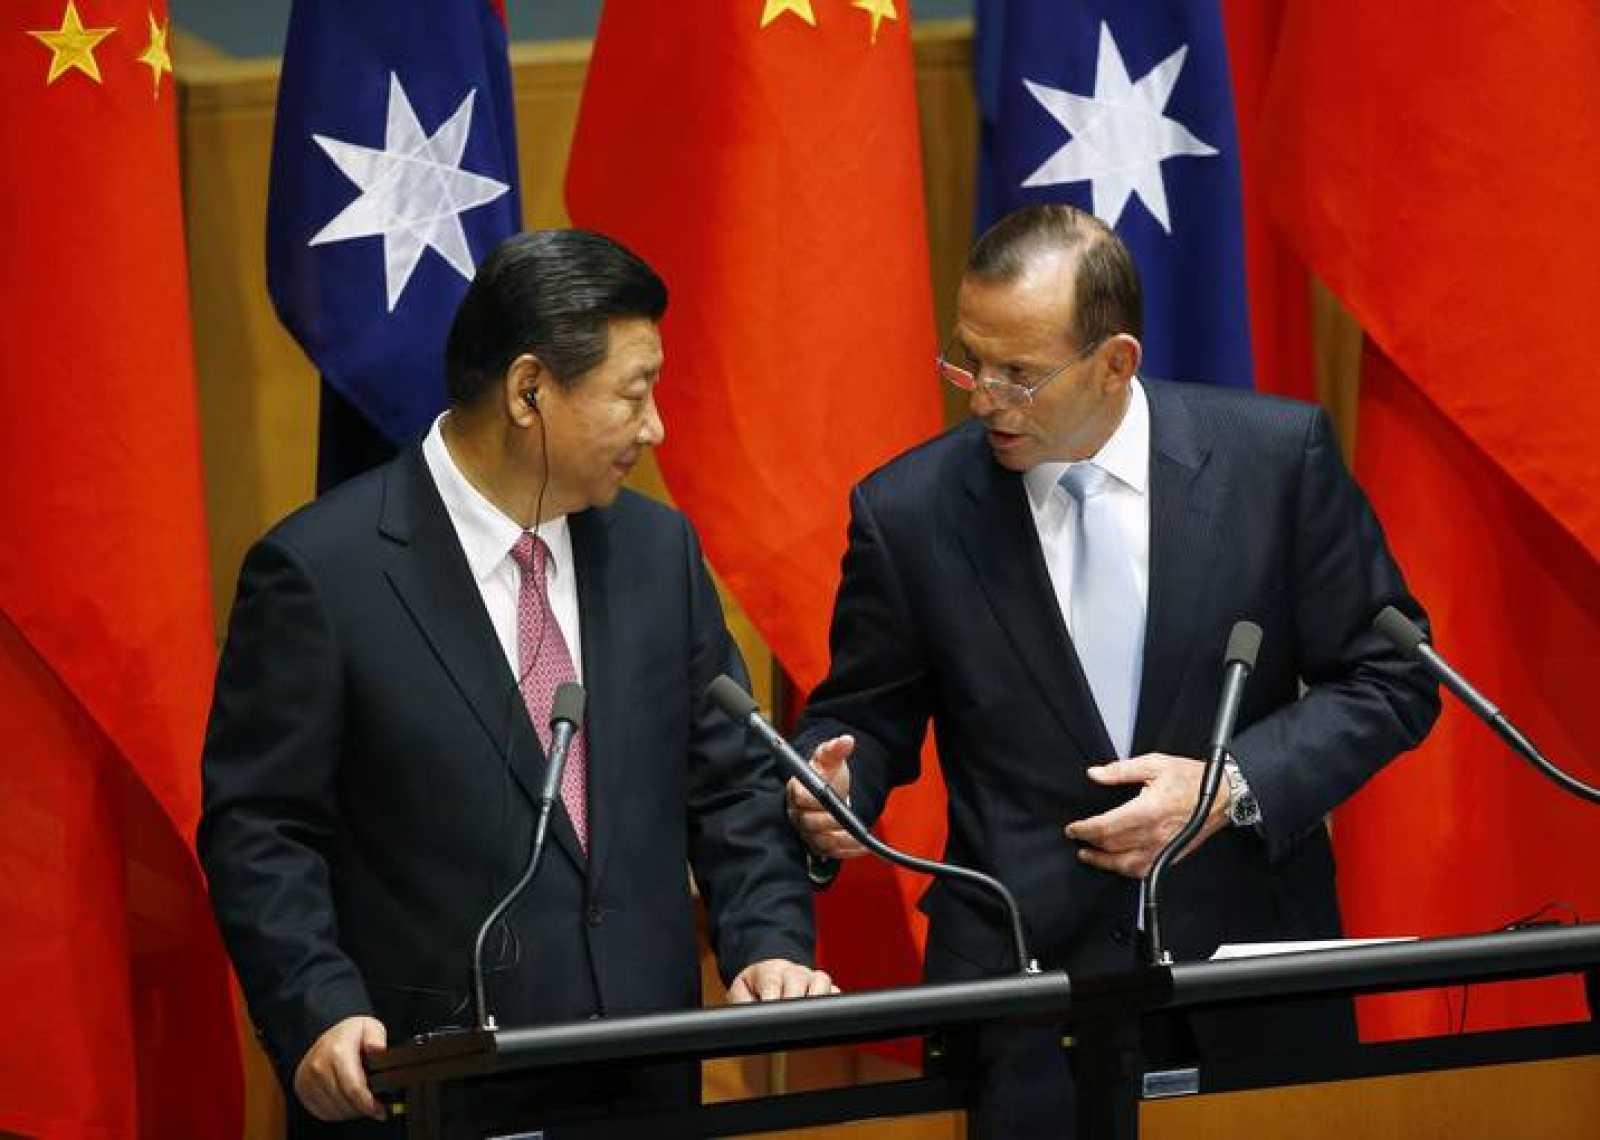 El presidente chino, Xi Jinping, junto al primer ministro australiano, Tony Abbott